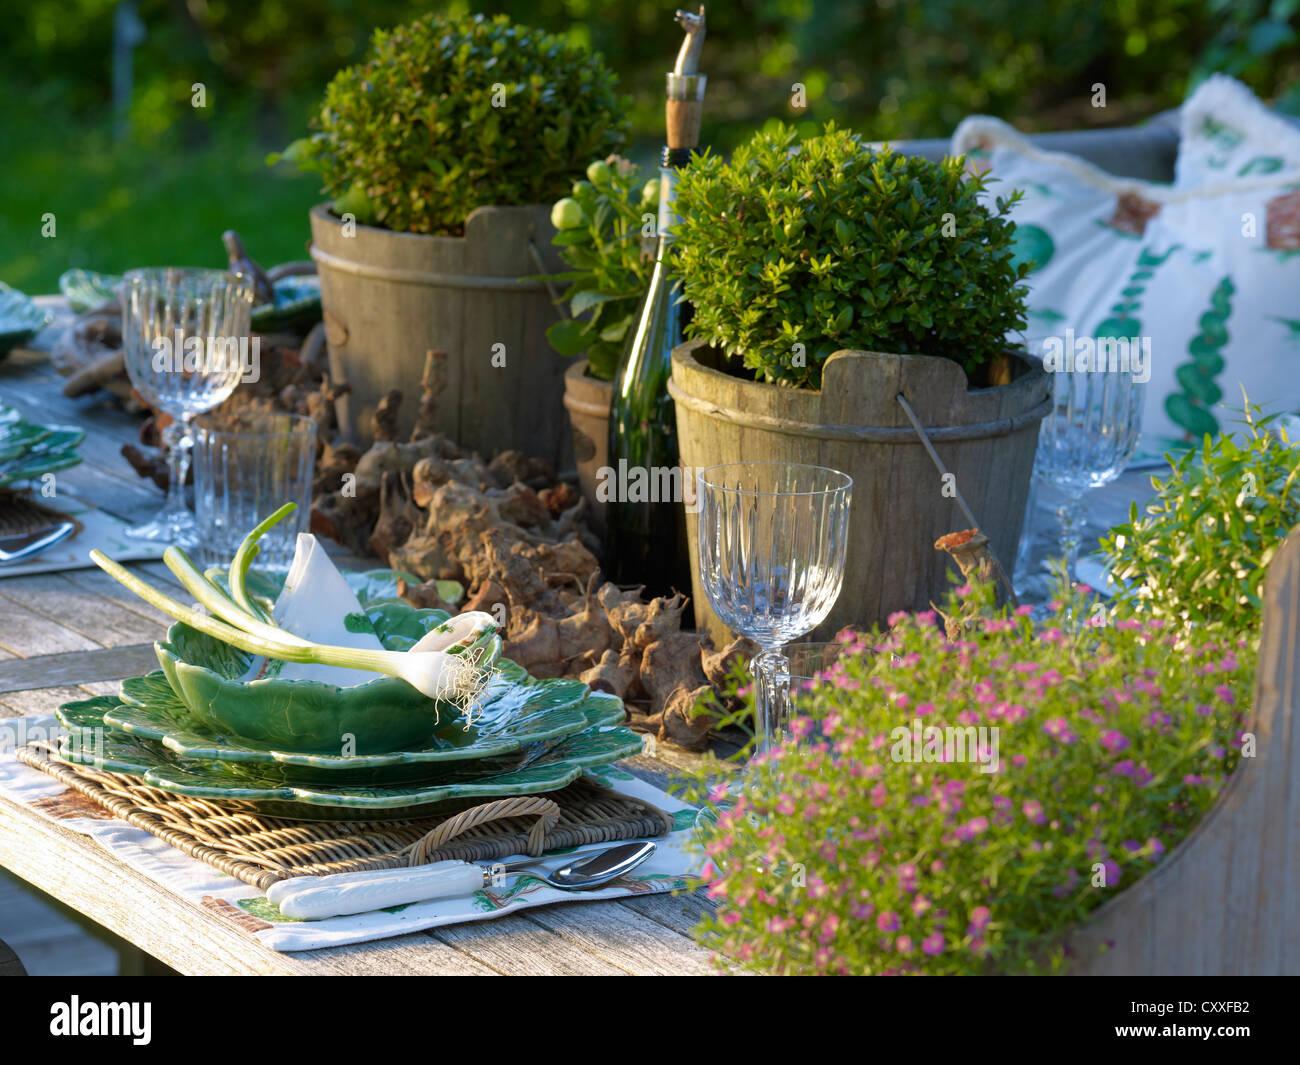 Élégamment mis en bois rustique avec table de jardin céramique fine ...